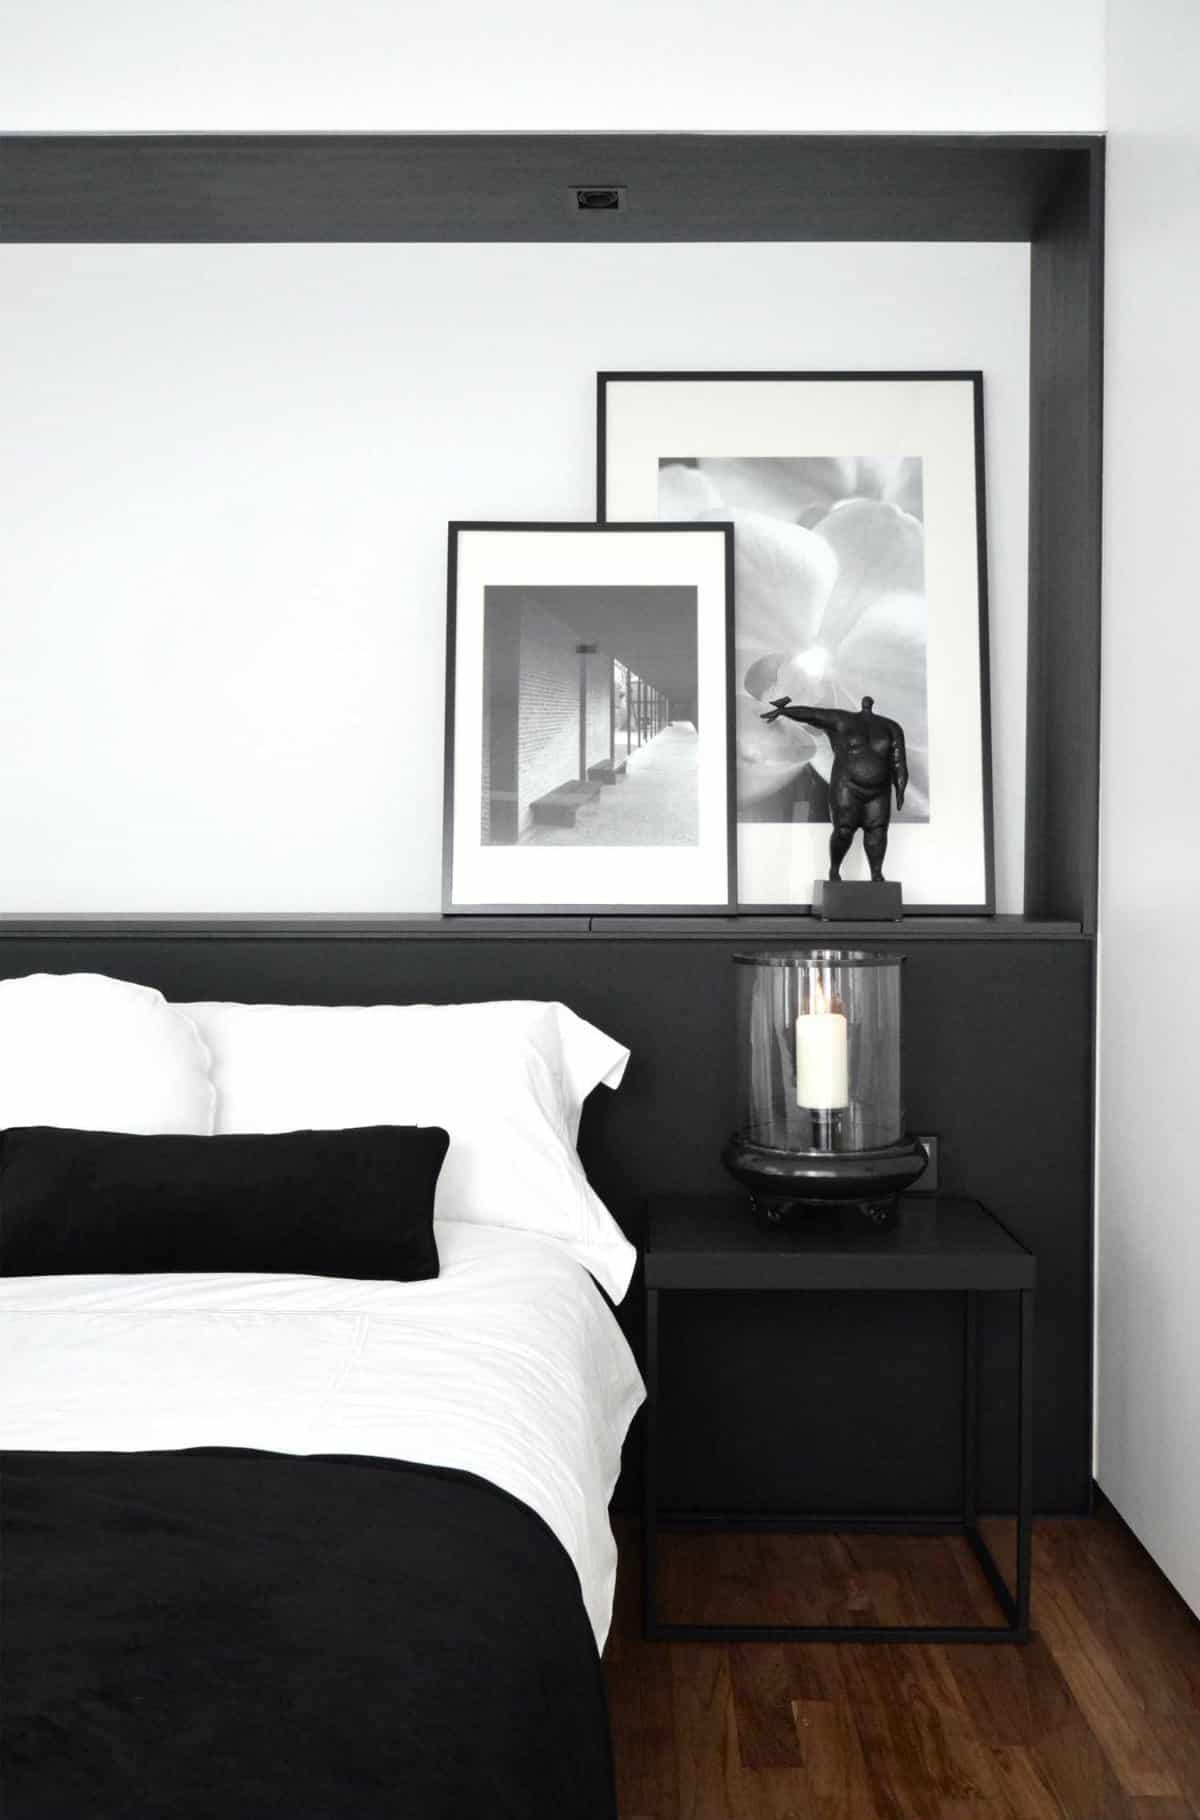 Minimalist Bedroom Inspiration | My Style Vita on Bedroom Minimalist Ideas  id=60716